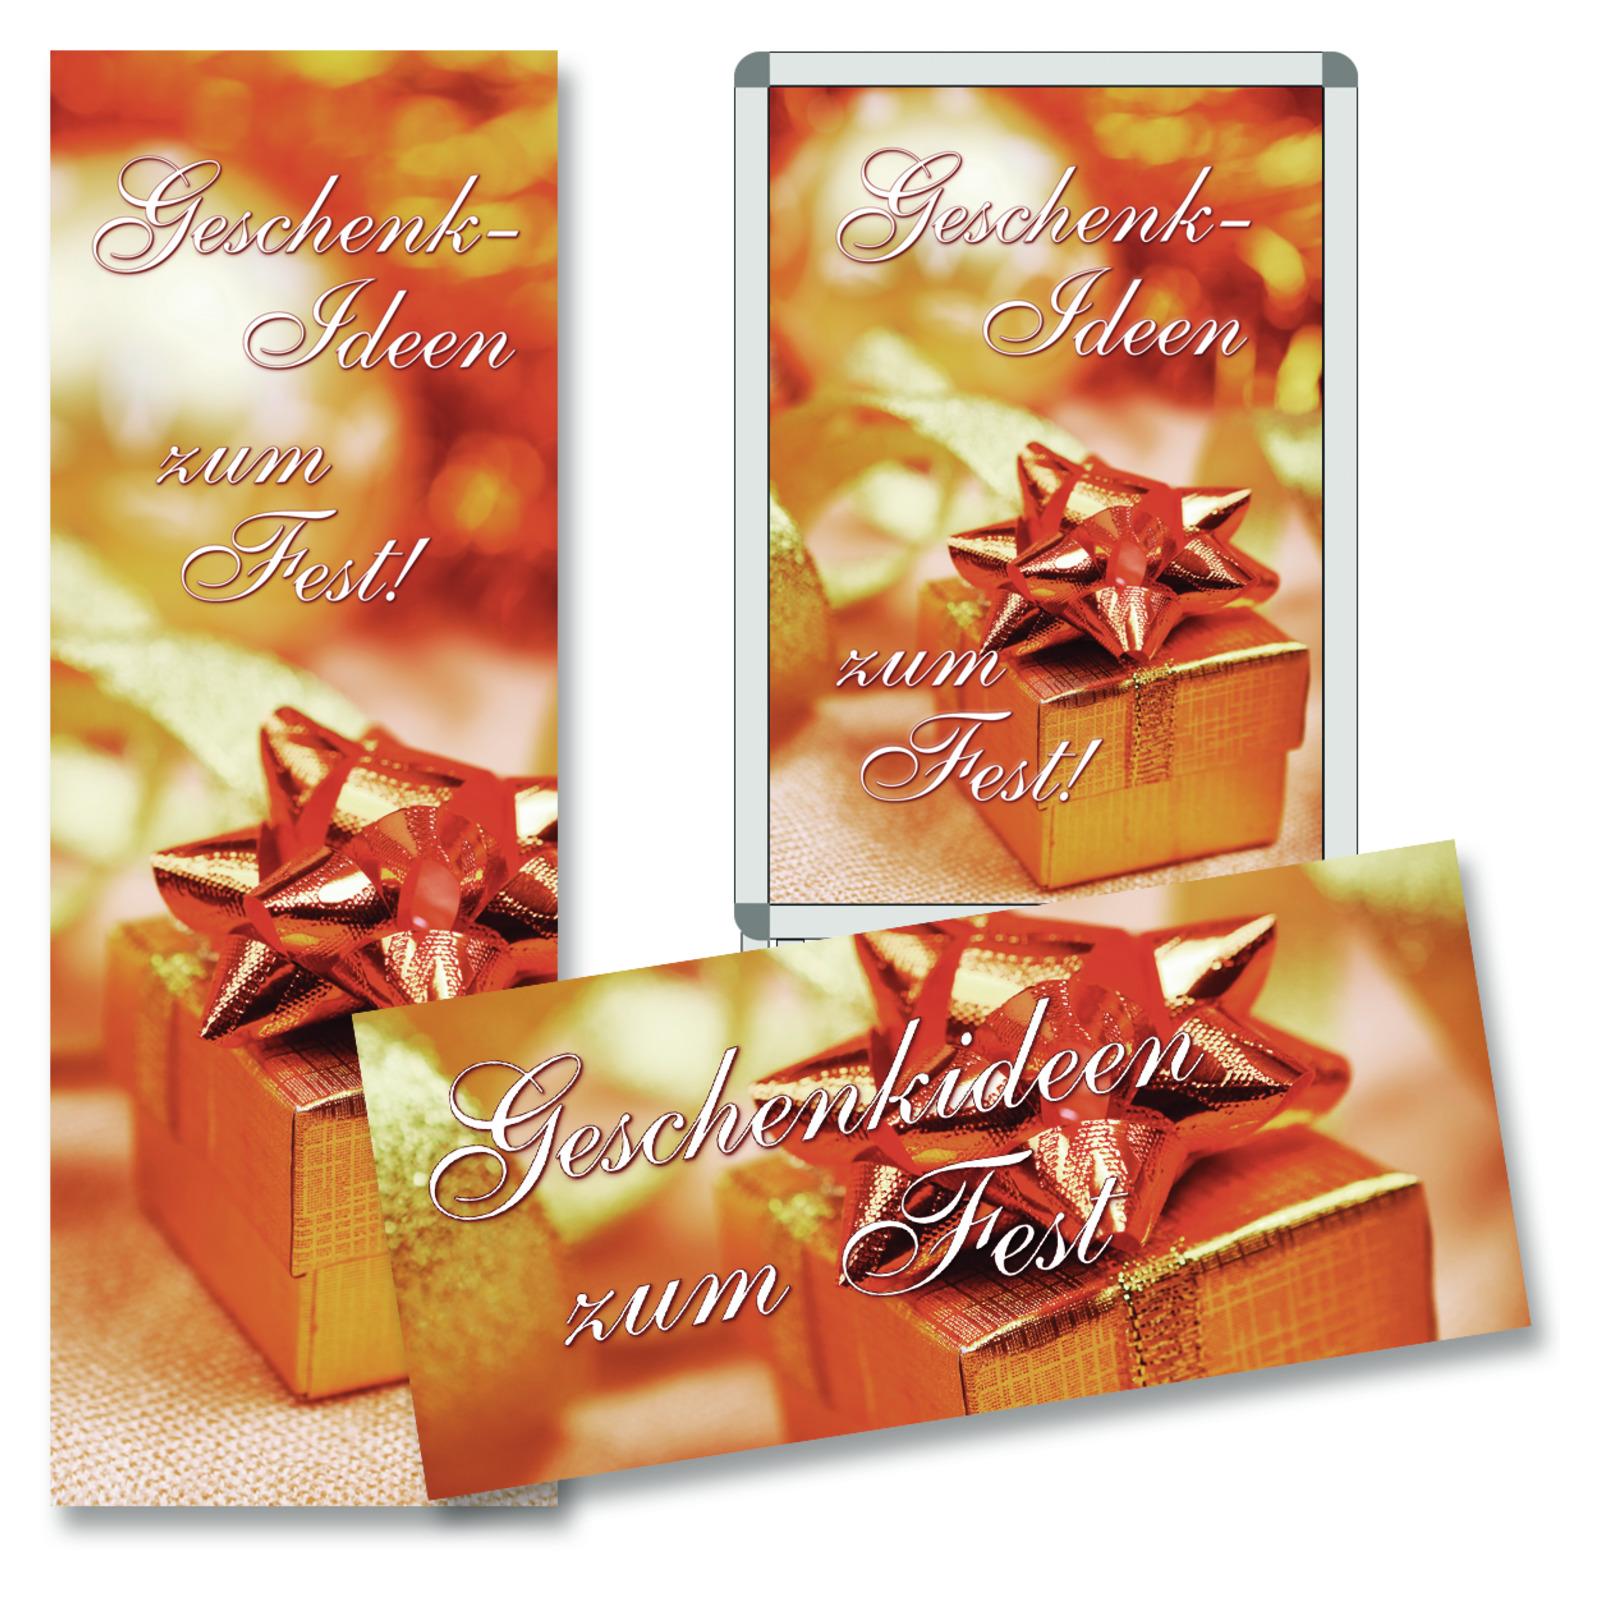 deko sortiment geschenkideen zum fest plakate weihnachten winter jahreszeiten. Black Bedroom Furniture Sets. Home Design Ideas